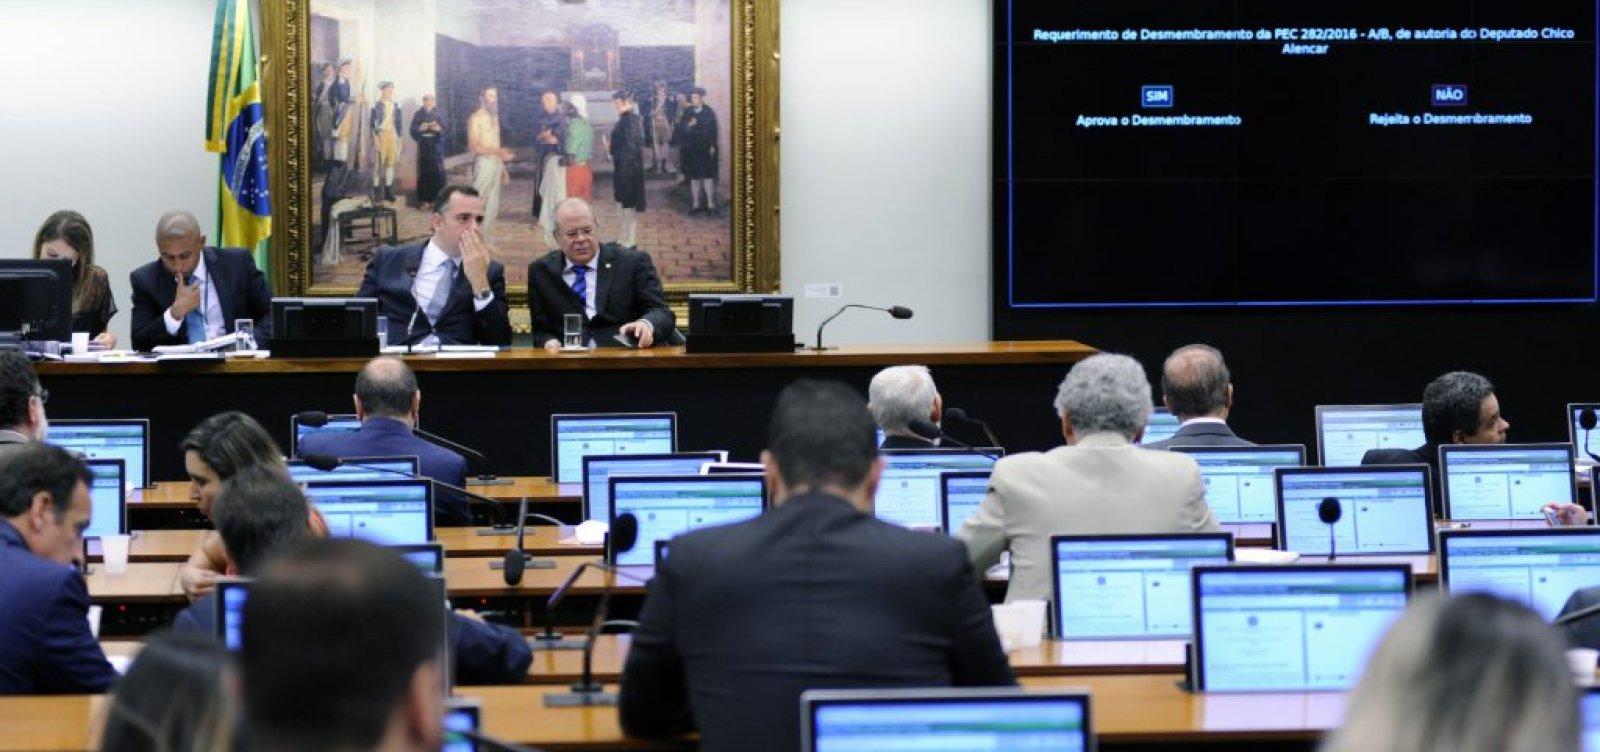 [Deputados do PSL madrugam na CCJ para tentar blindar reforma]